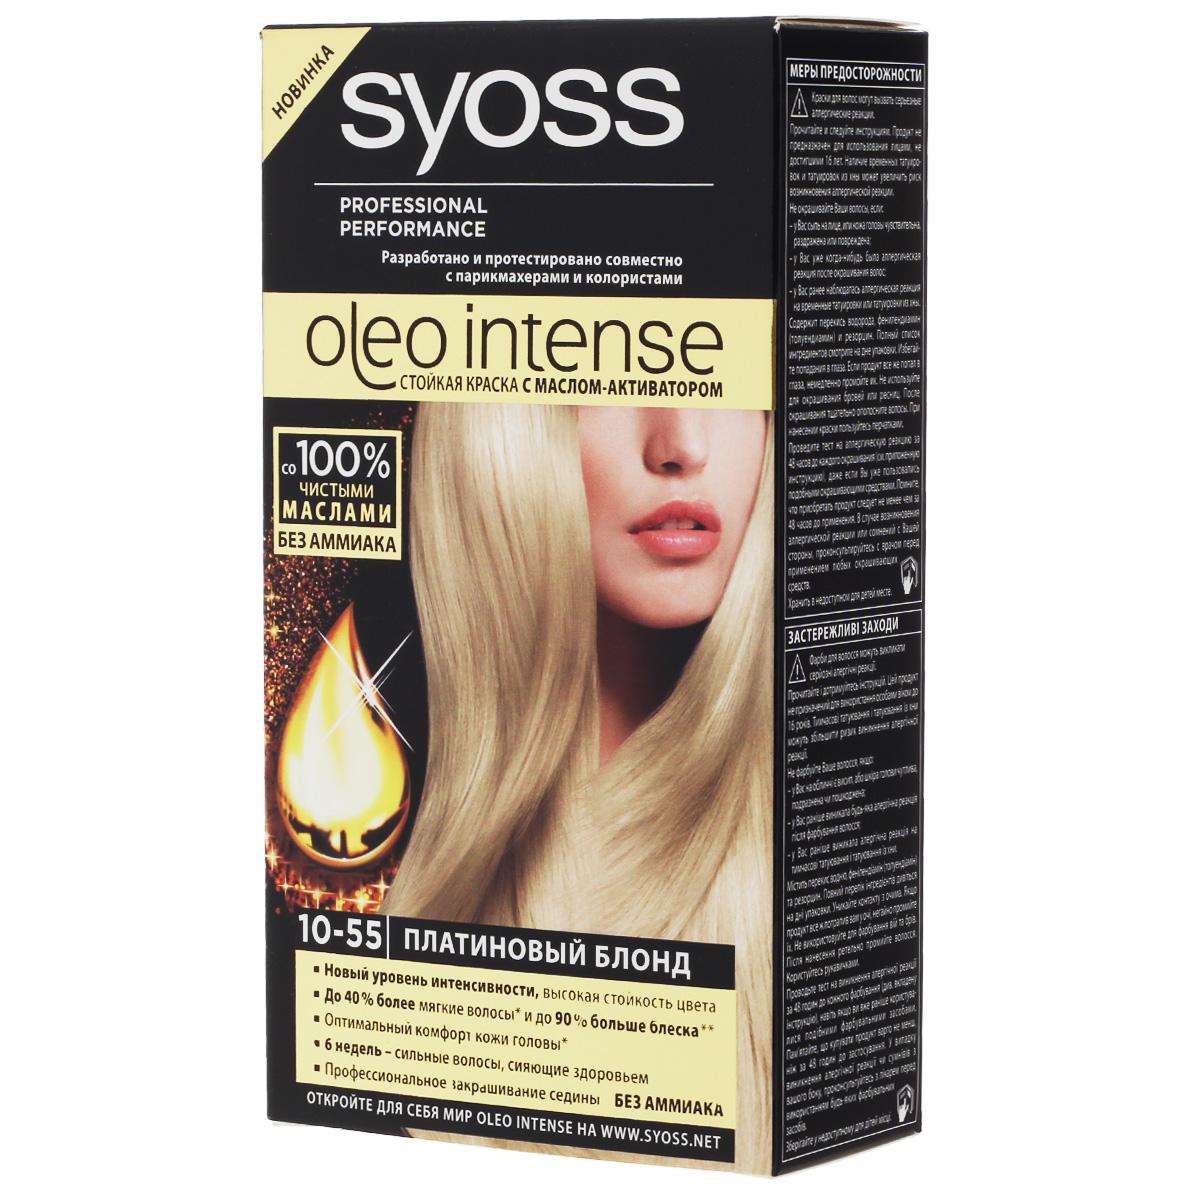 Syoss Oleo Intense Краска для волос оттенок 10-55 Платиновый блондин, 115 мл93935030Откройте для себя первую стойкую краску с маслом-активатором от Syoss, разработанную и протестированную совместно с парикмахерами и колористами. Насыщенная формула крем-масла наносится без подтеков. 100% чистые масла работают как усилитель цвета: технология Oleo Intense использует силу и свойство масел максимизировать действие красителя. Абсолютно без аммиака, для оптимального комфорта кожи головы. Одновременно краска обеспечивает экстра-восстановление волос питательными маслами, делая волосы до 40% более мягкими. Волосы выглядят здоровыми и сильными 6 недель.